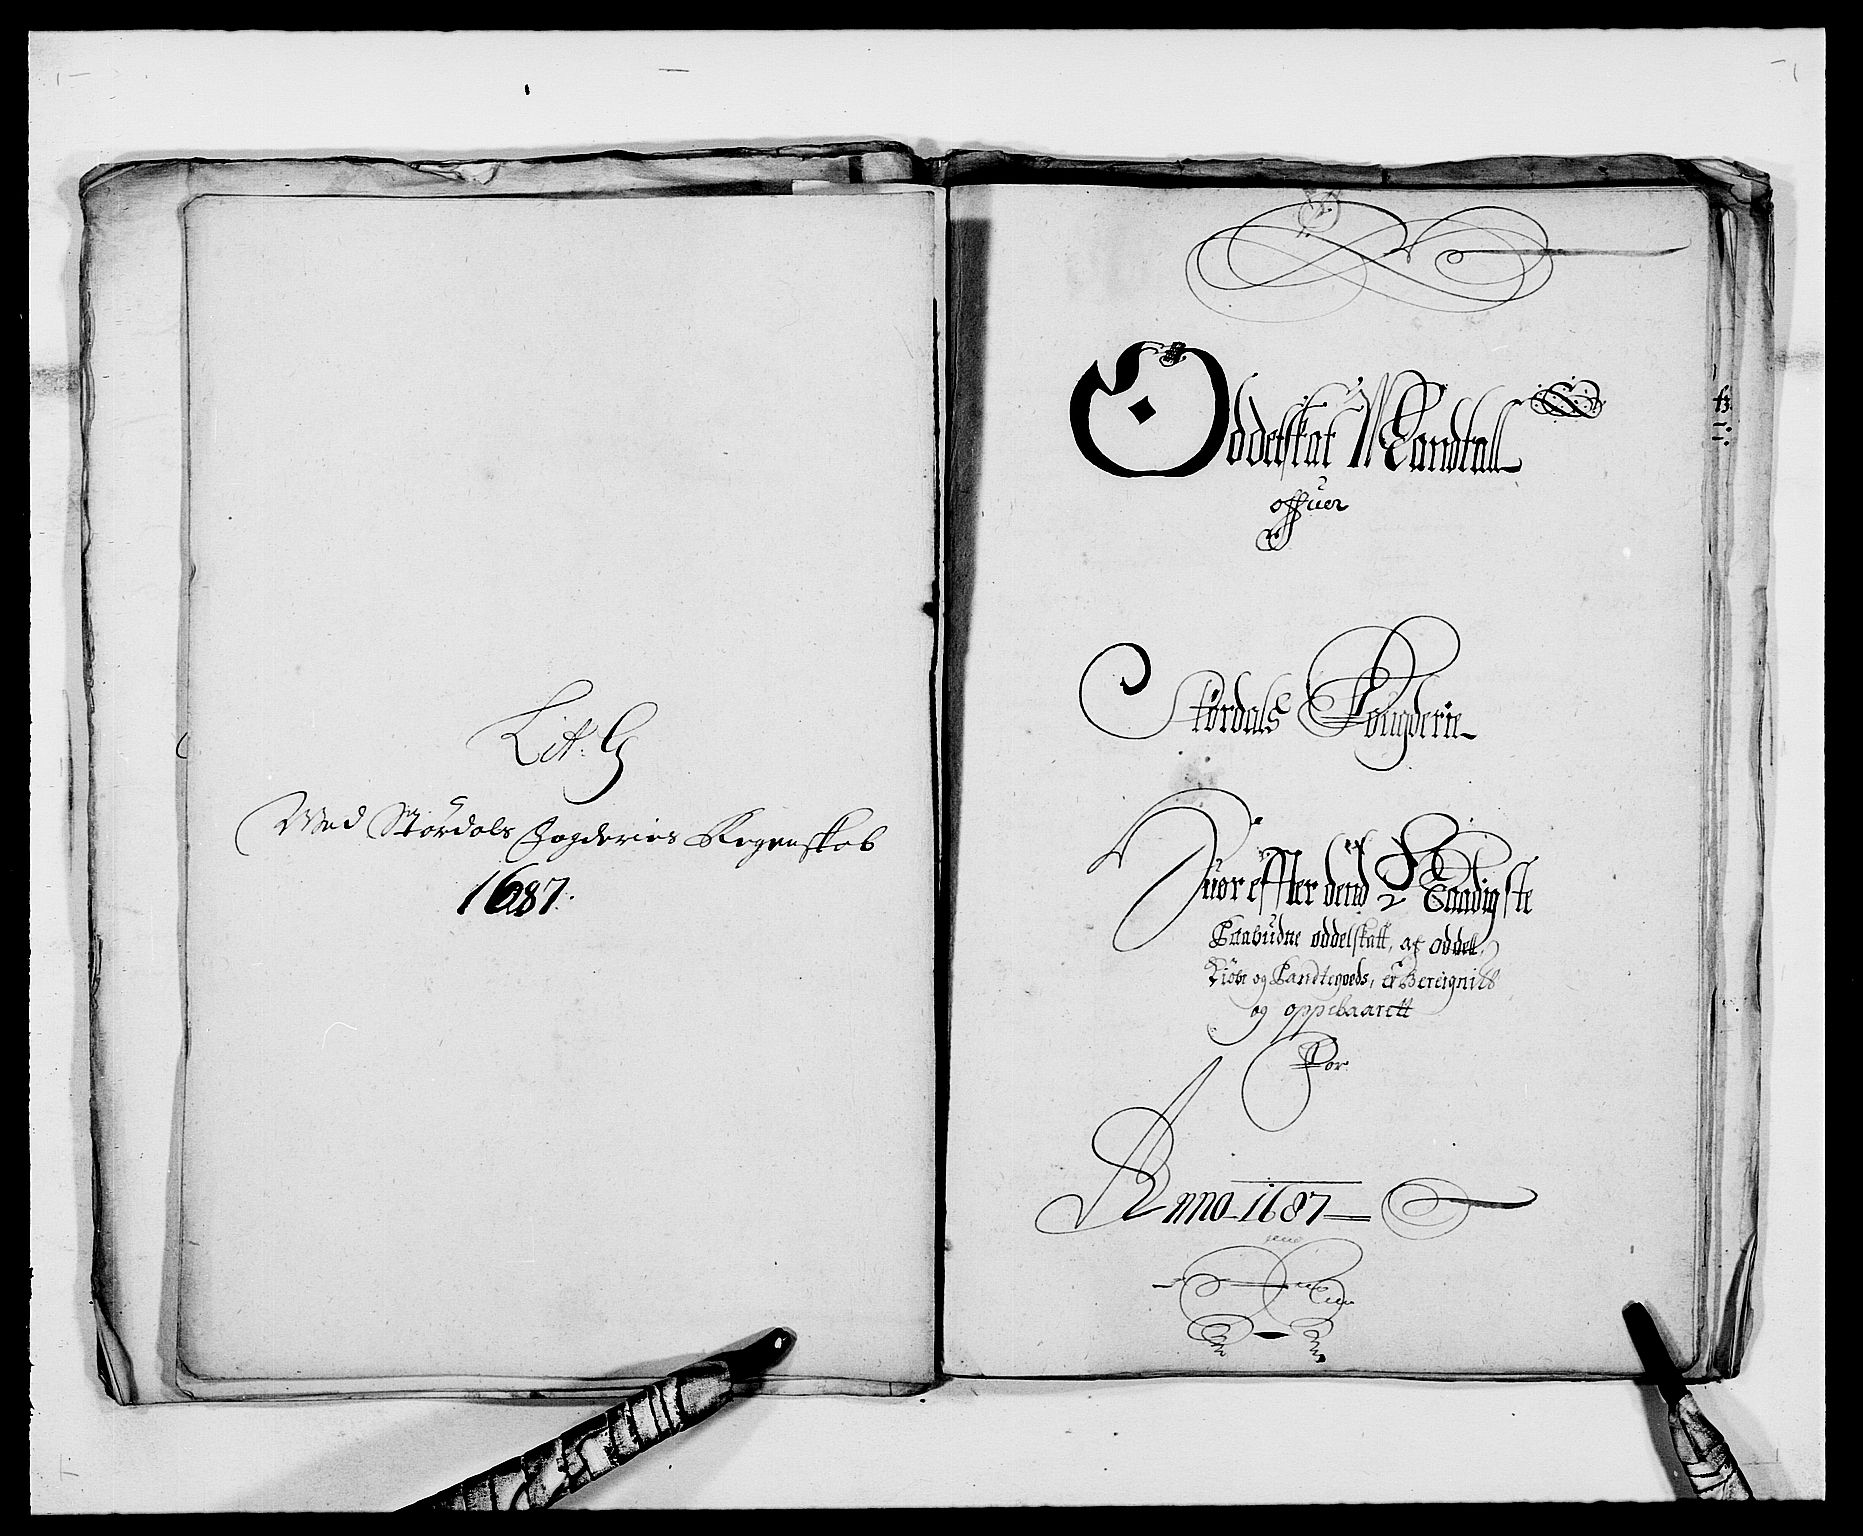 RA, Rentekammeret inntil 1814, Reviderte regnskaper, Fogderegnskap, R62/L4183: Fogderegnskap Stjørdal og Verdal, 1687-1689, s. 62